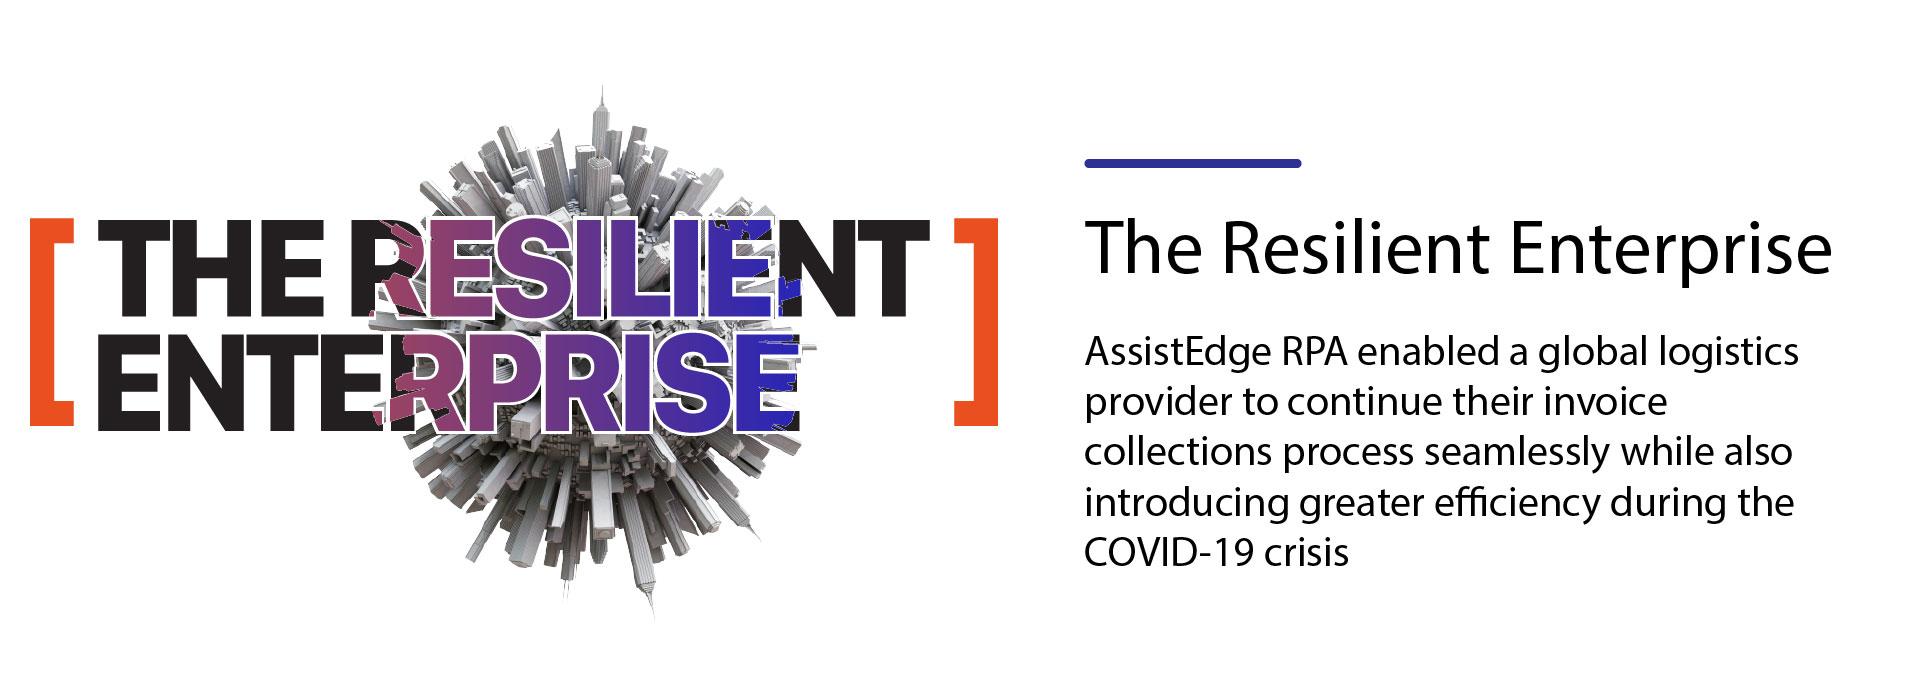 Resilient-Enterprise-covid-19-crisis-banner